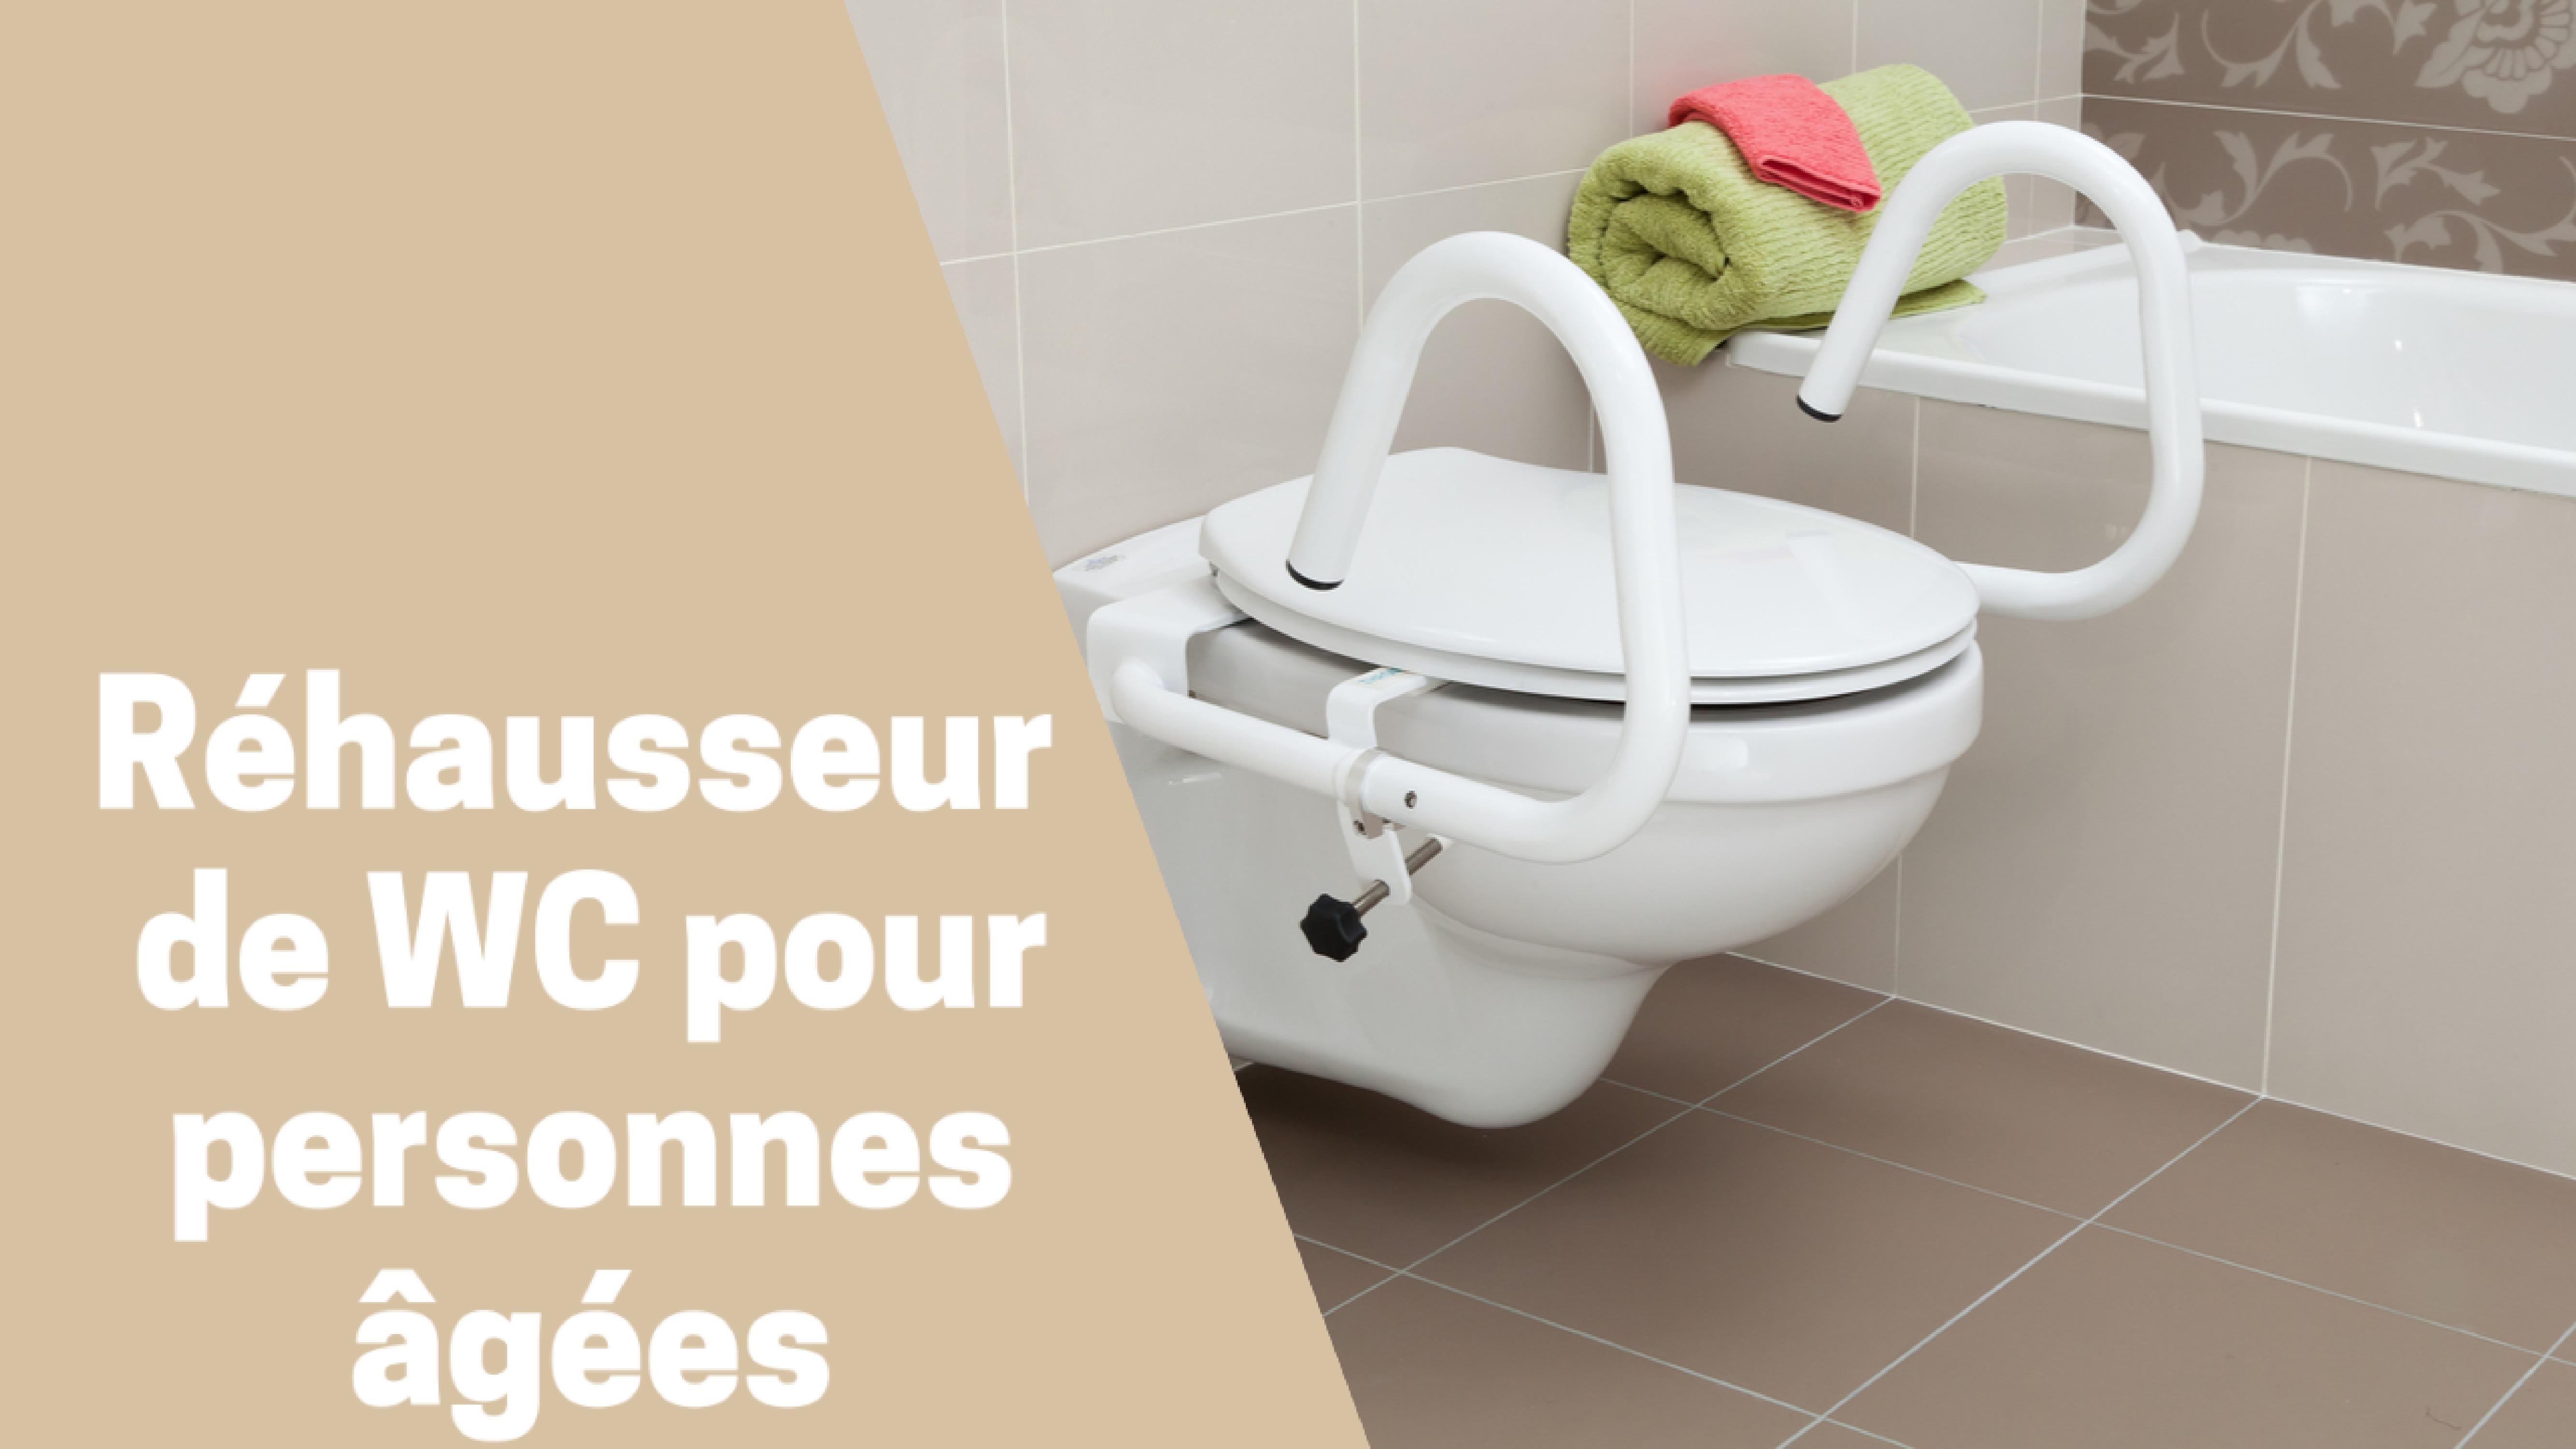 Photo de meilleurs rehausseurs de WC pour personnes âgées 2020